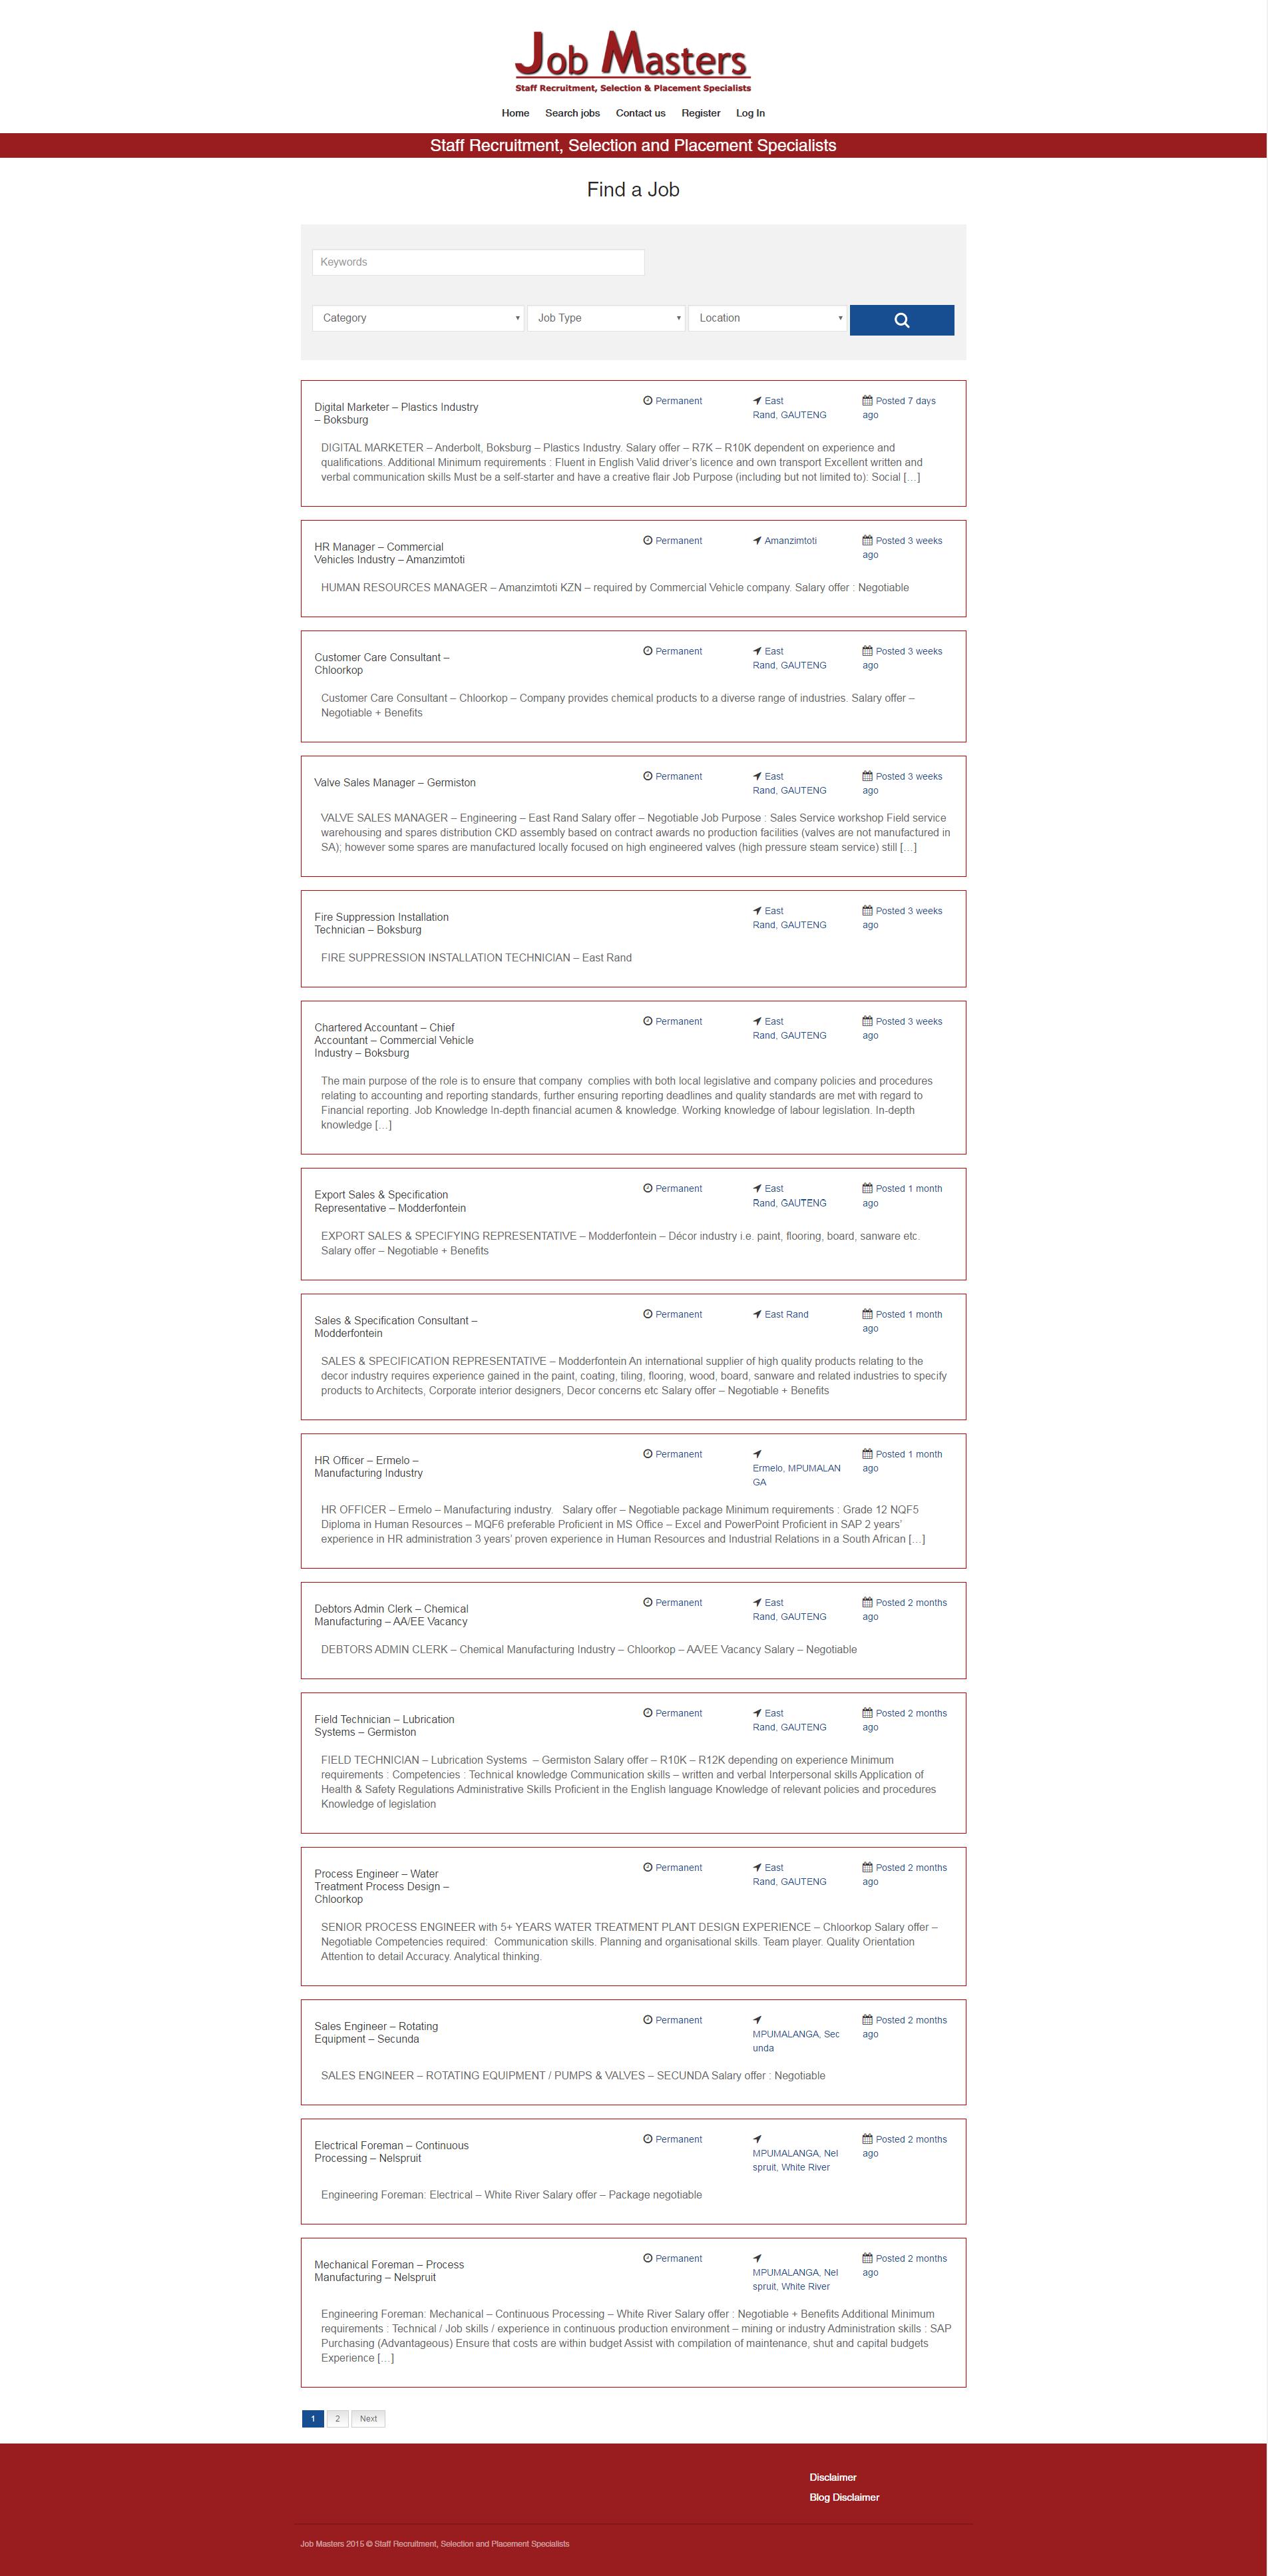 dylan-coates-portfolio-jm-website-v1.0-jobslist